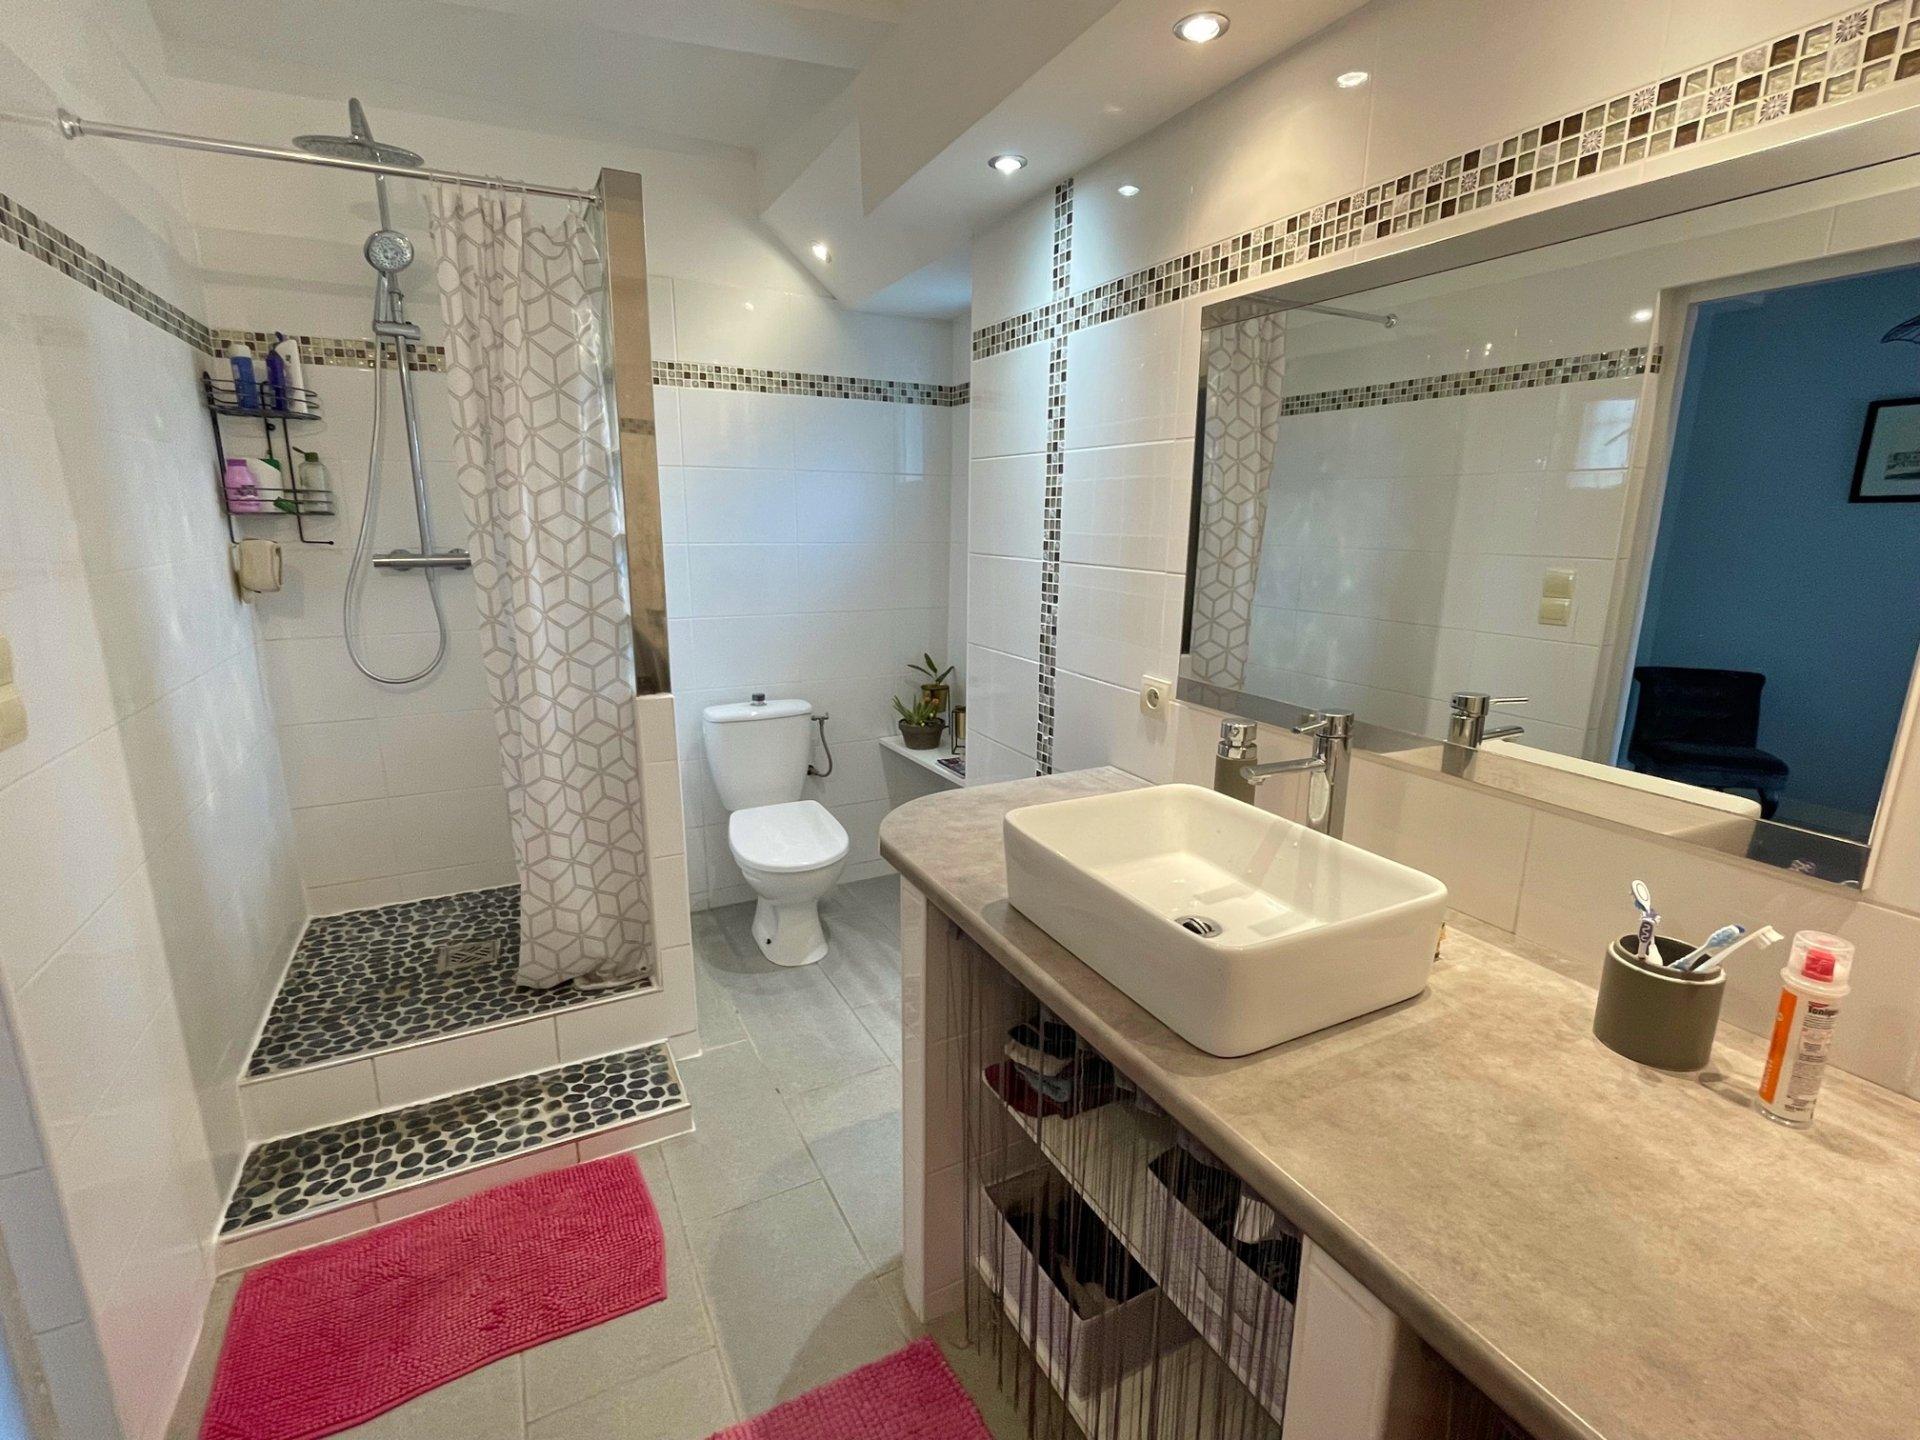 Située dans un agréable village du val Lamartinien cette maison de 130 m² offre un beau séjour de 30 m² à la double exposition et profitant d'une belle hauteur sous plafond. La cuisine aménagée offre une belle surface et permet d'y manger. De plain pied vous profiterez d'une première chambre de plus de 15 m² ainsi que d'une belle salle de bains. Enfin le dernier étage se compose de 3 chambres ainsi que d'un volume de 4,5 m² qui n'attend que ses nouveaux propriétaires pour être aménagé...en salle de bains? Vous profiterez d'une dépendance de 50 m² environ, d'une cave ainsi que d'une agréable tonnelle. Double vitrage pvc, toiture de 2010 et tout à l'égout.  Honoraires à la charge des vendeurs.